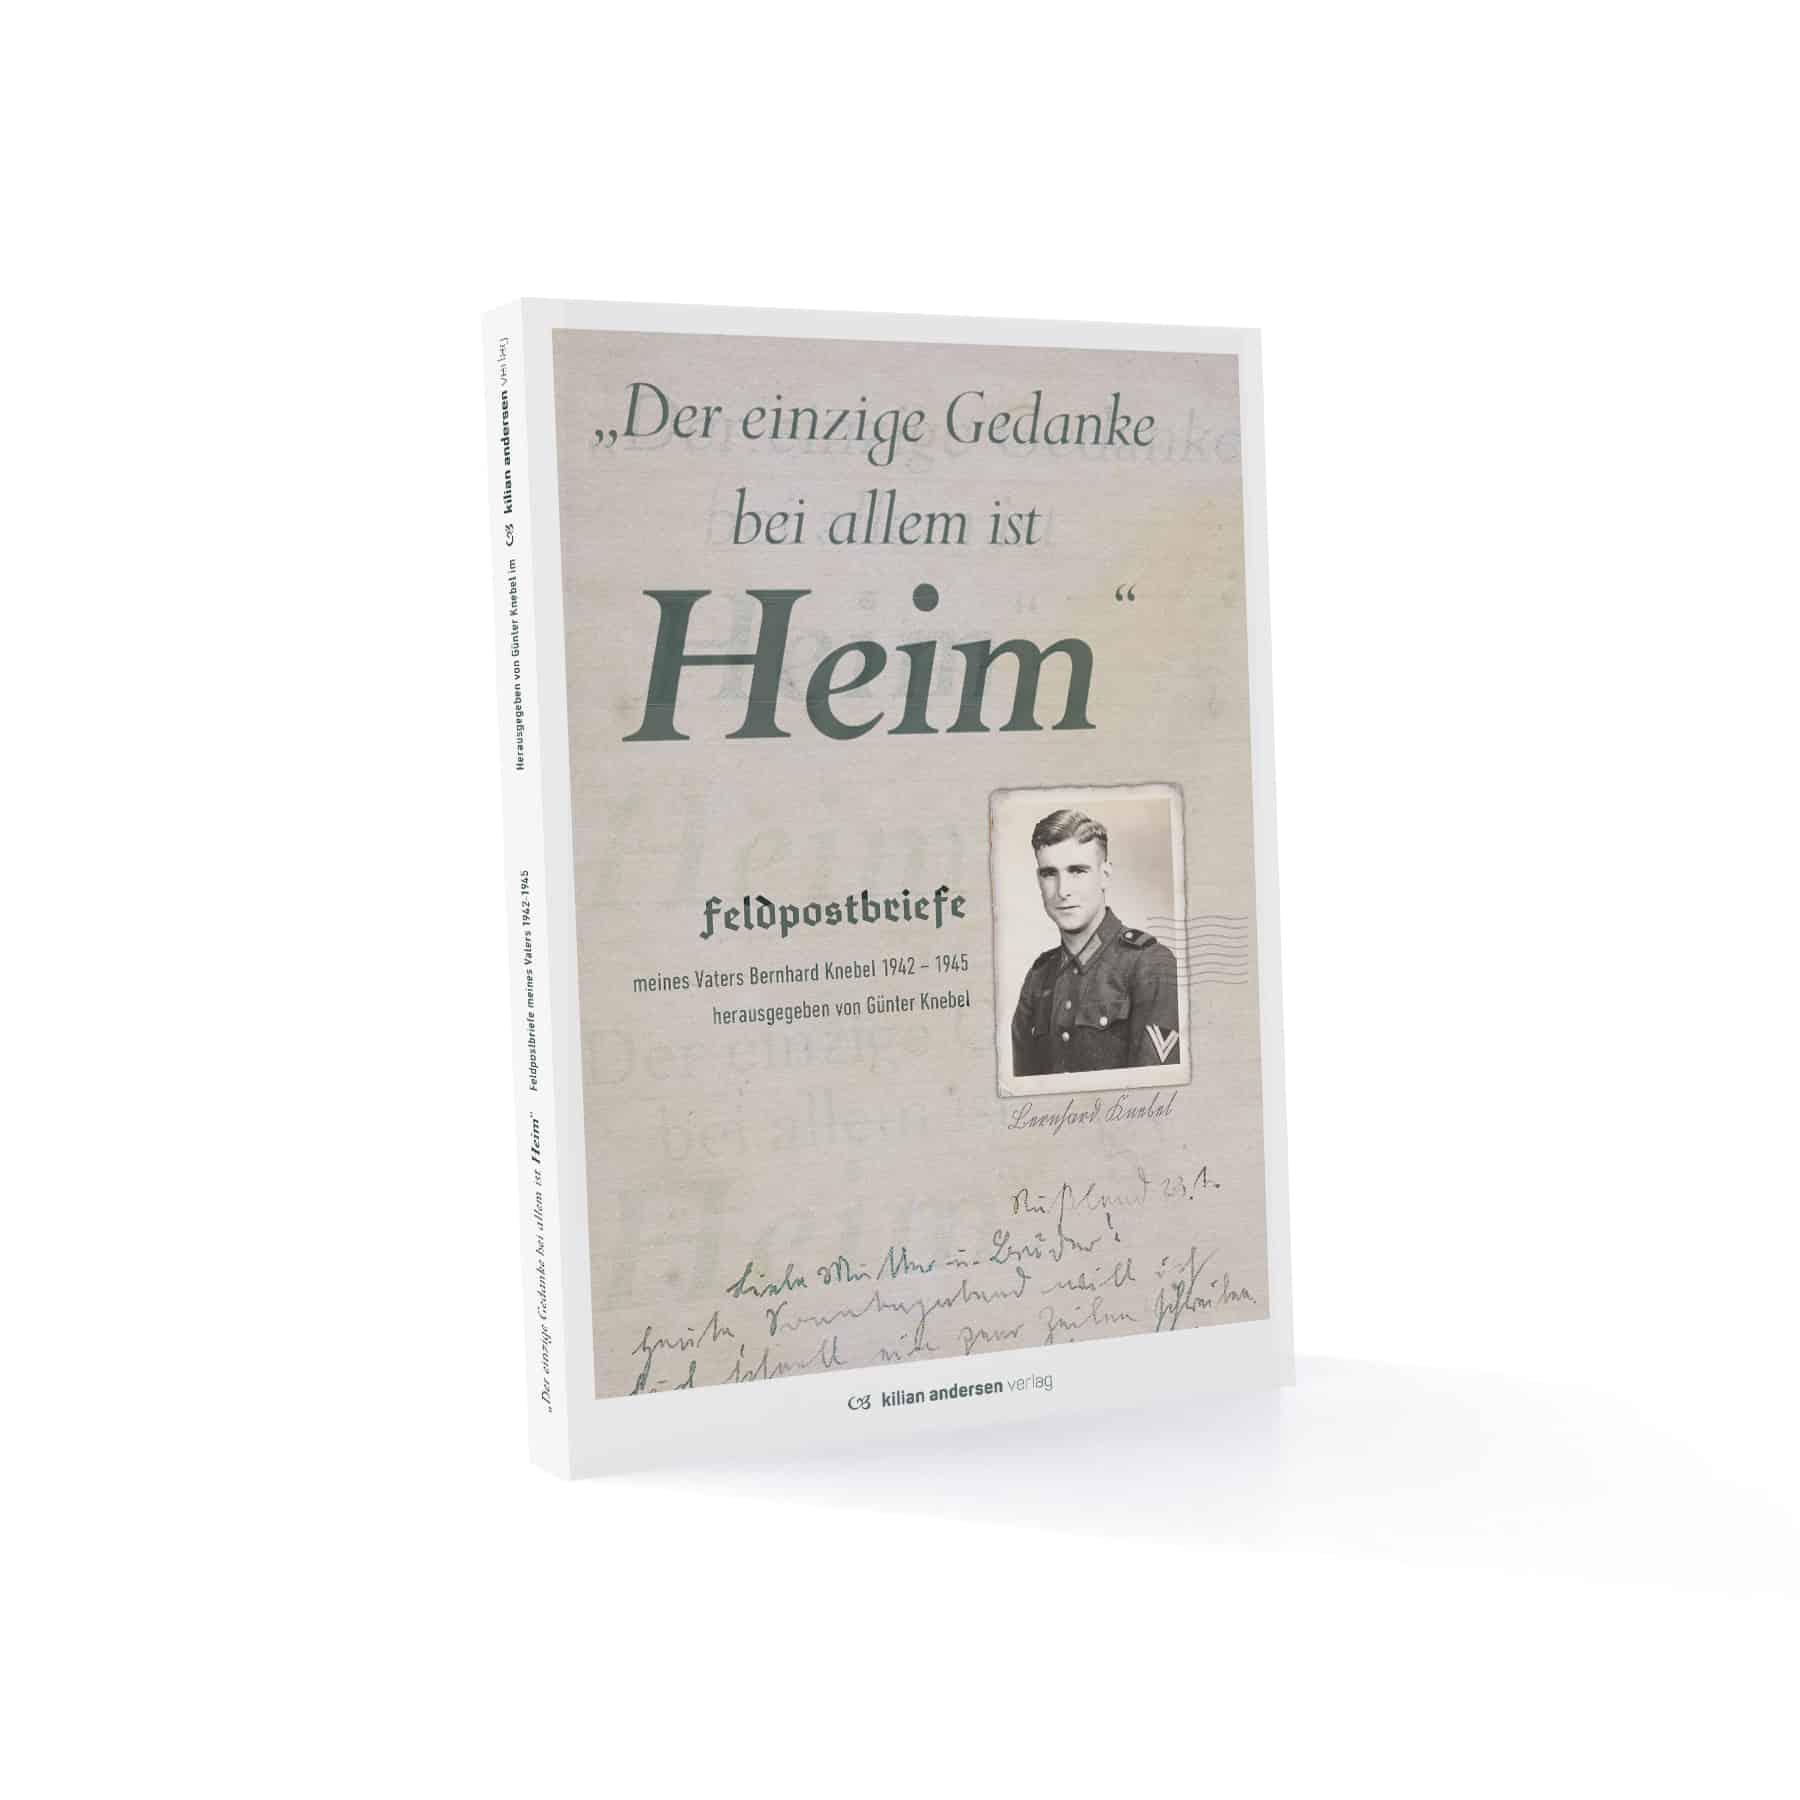 La Deutsche Vita - Drucksachen Softcover Buch Feldpost